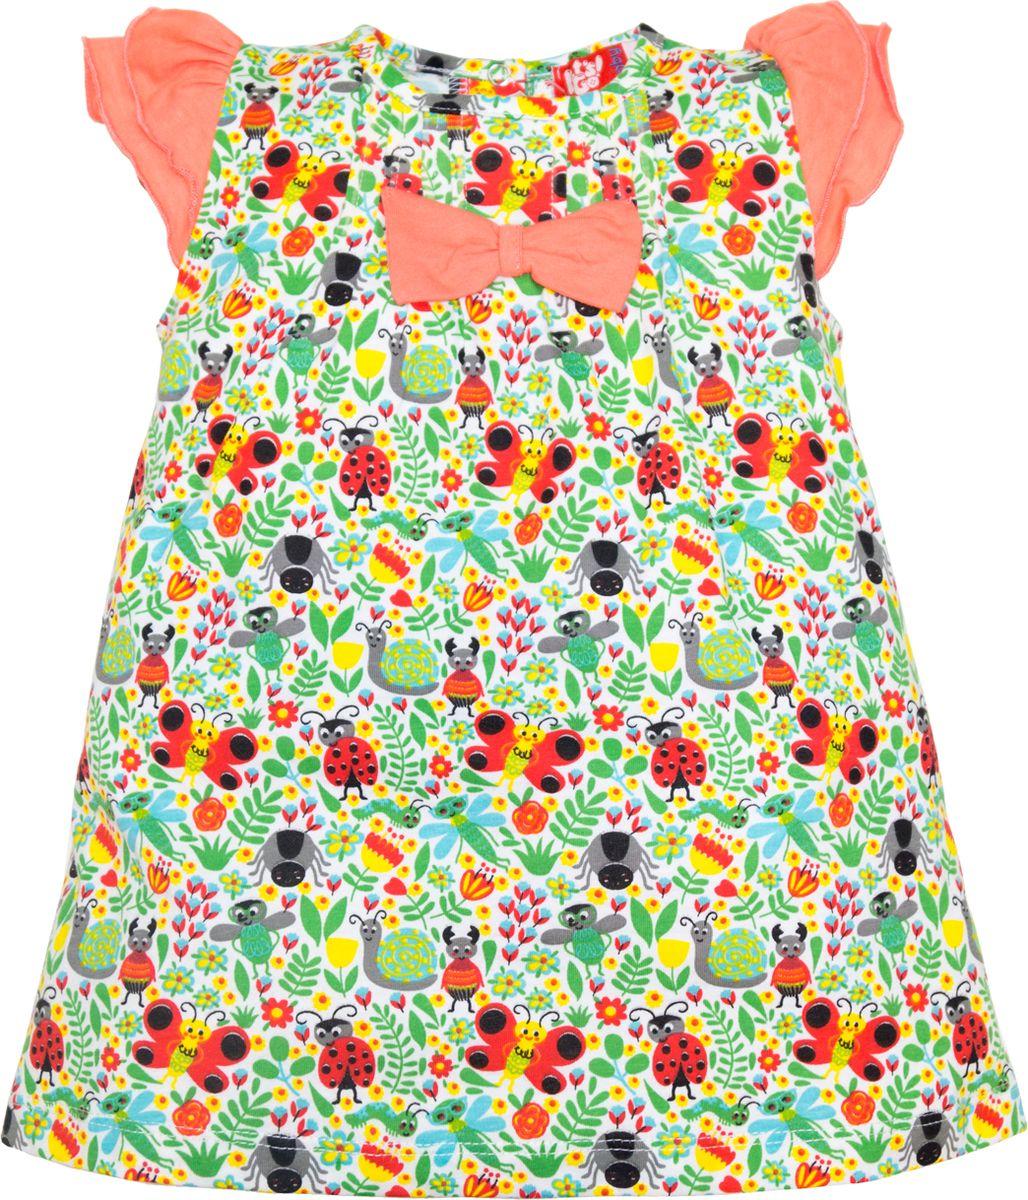 Платье для девочки Lets Go, цвет: белый. 8148. Размер 868148Платье Lets Go станет отличным дополнением к гардеробу вашей малышки. Изготовленное из натурального хлопка, оно необычайно мягкое и легкое. Сзади застегивается на кнопки. Модель оформлена принтом.